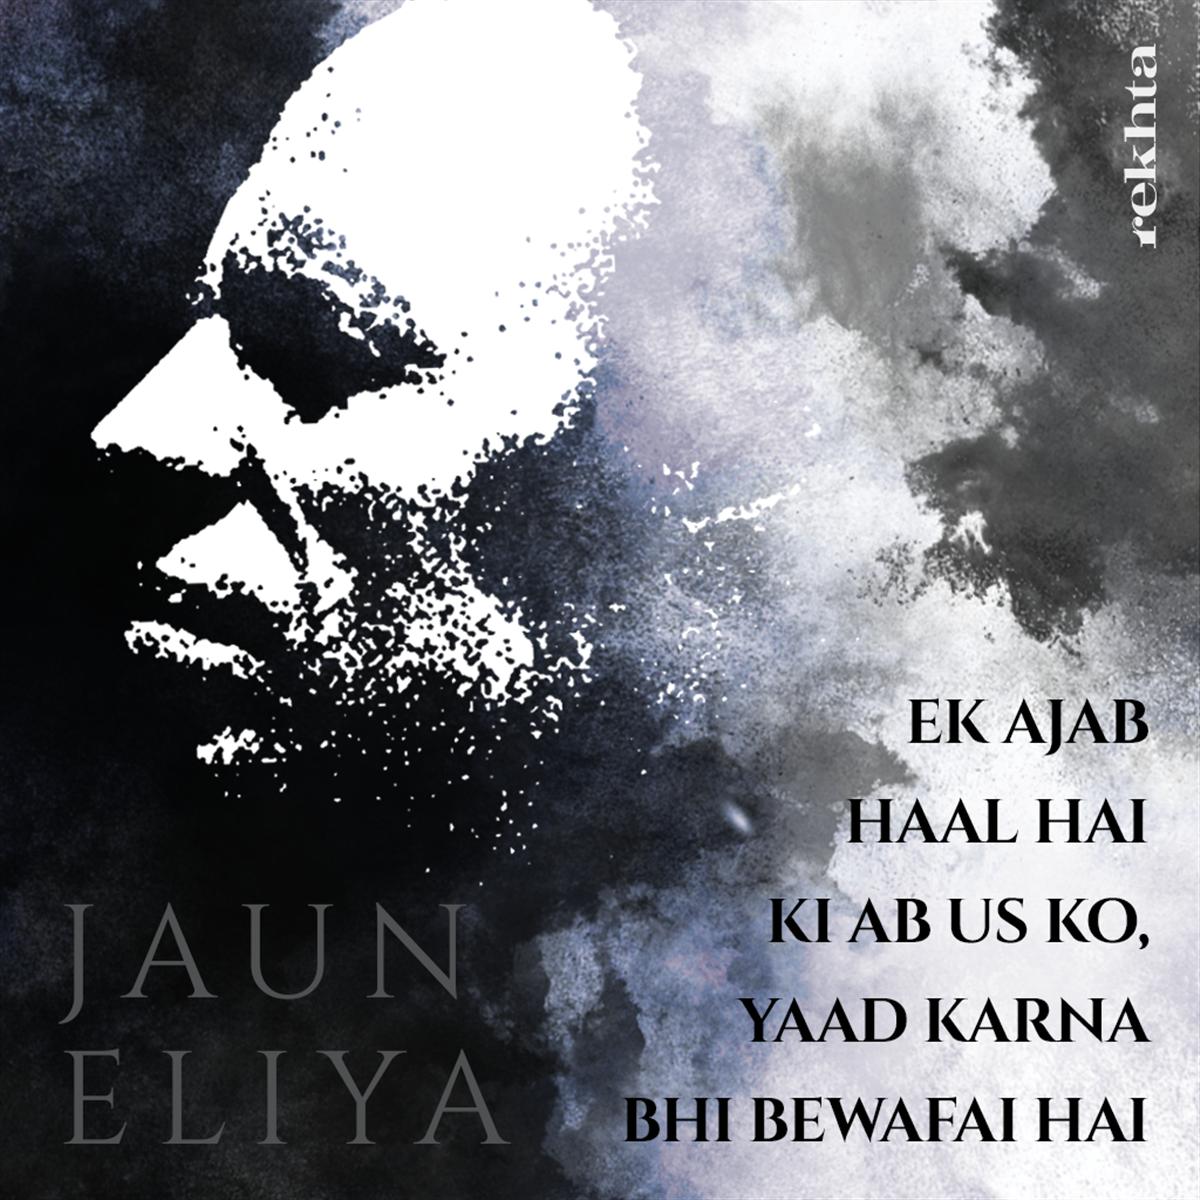 Jaun Eliya